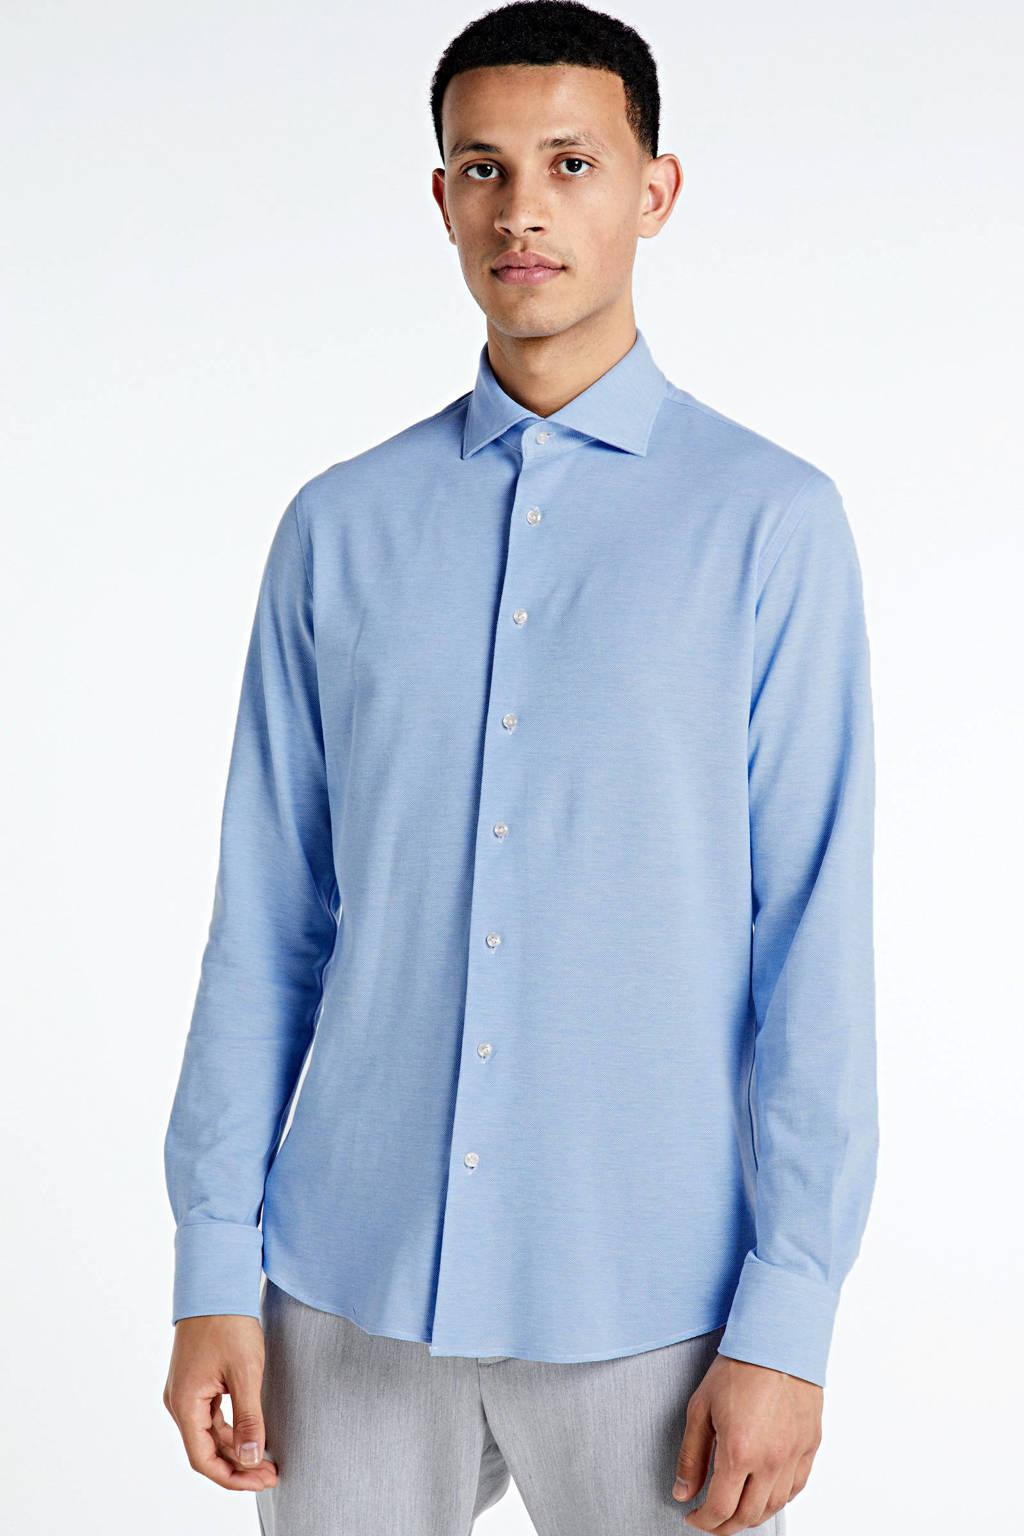 Profuomo slim fit jersey overhemd, Lichtblauw